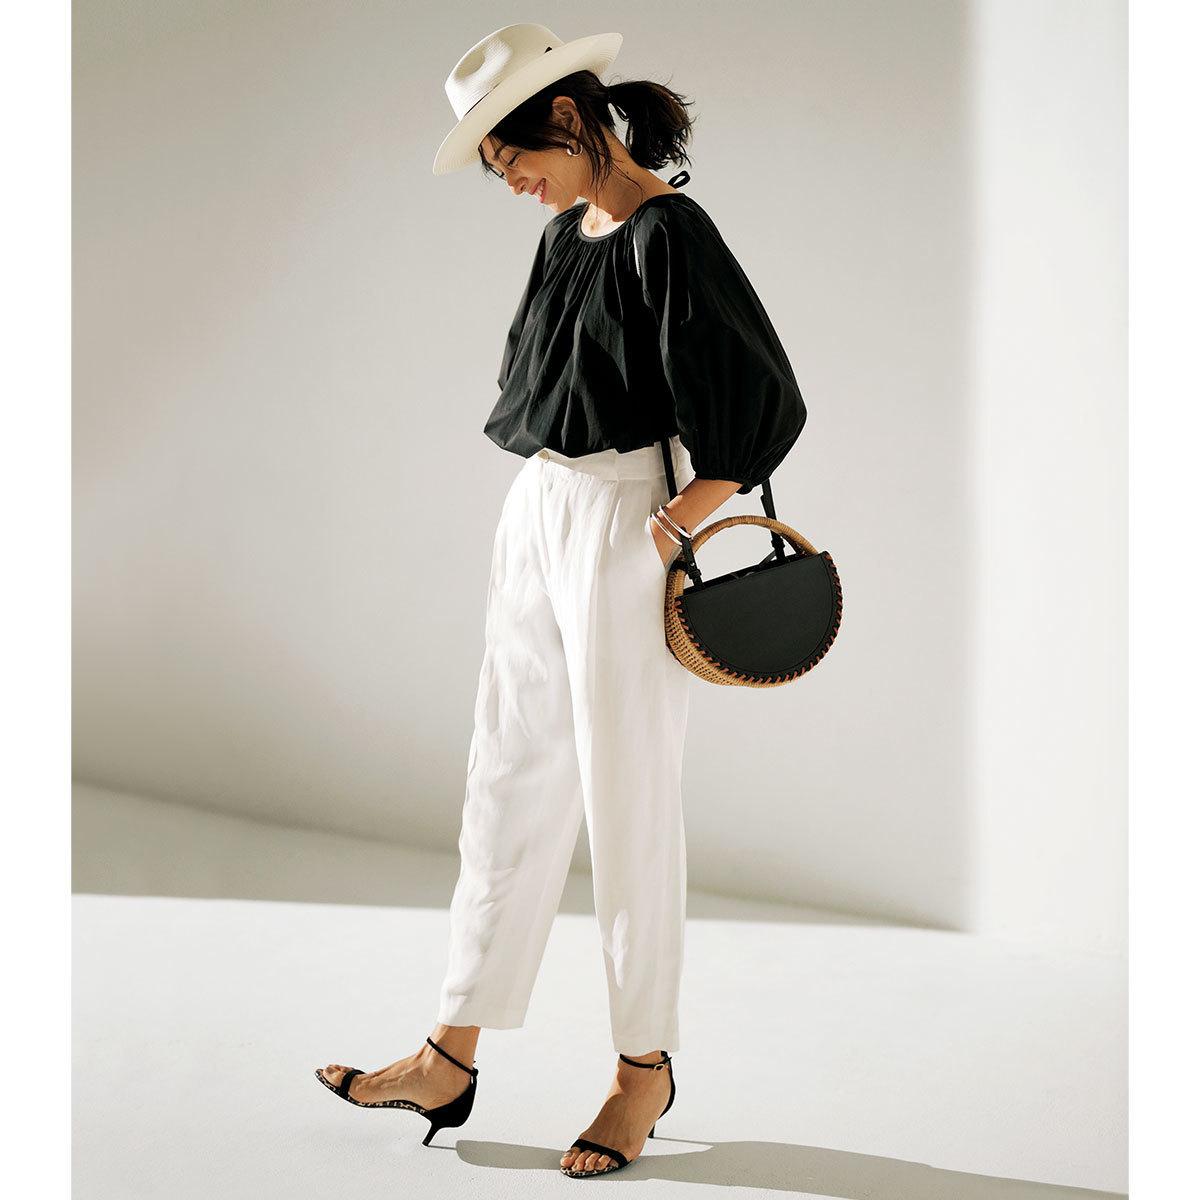 黒ブラウス×白パンツのモノトーンコーデ